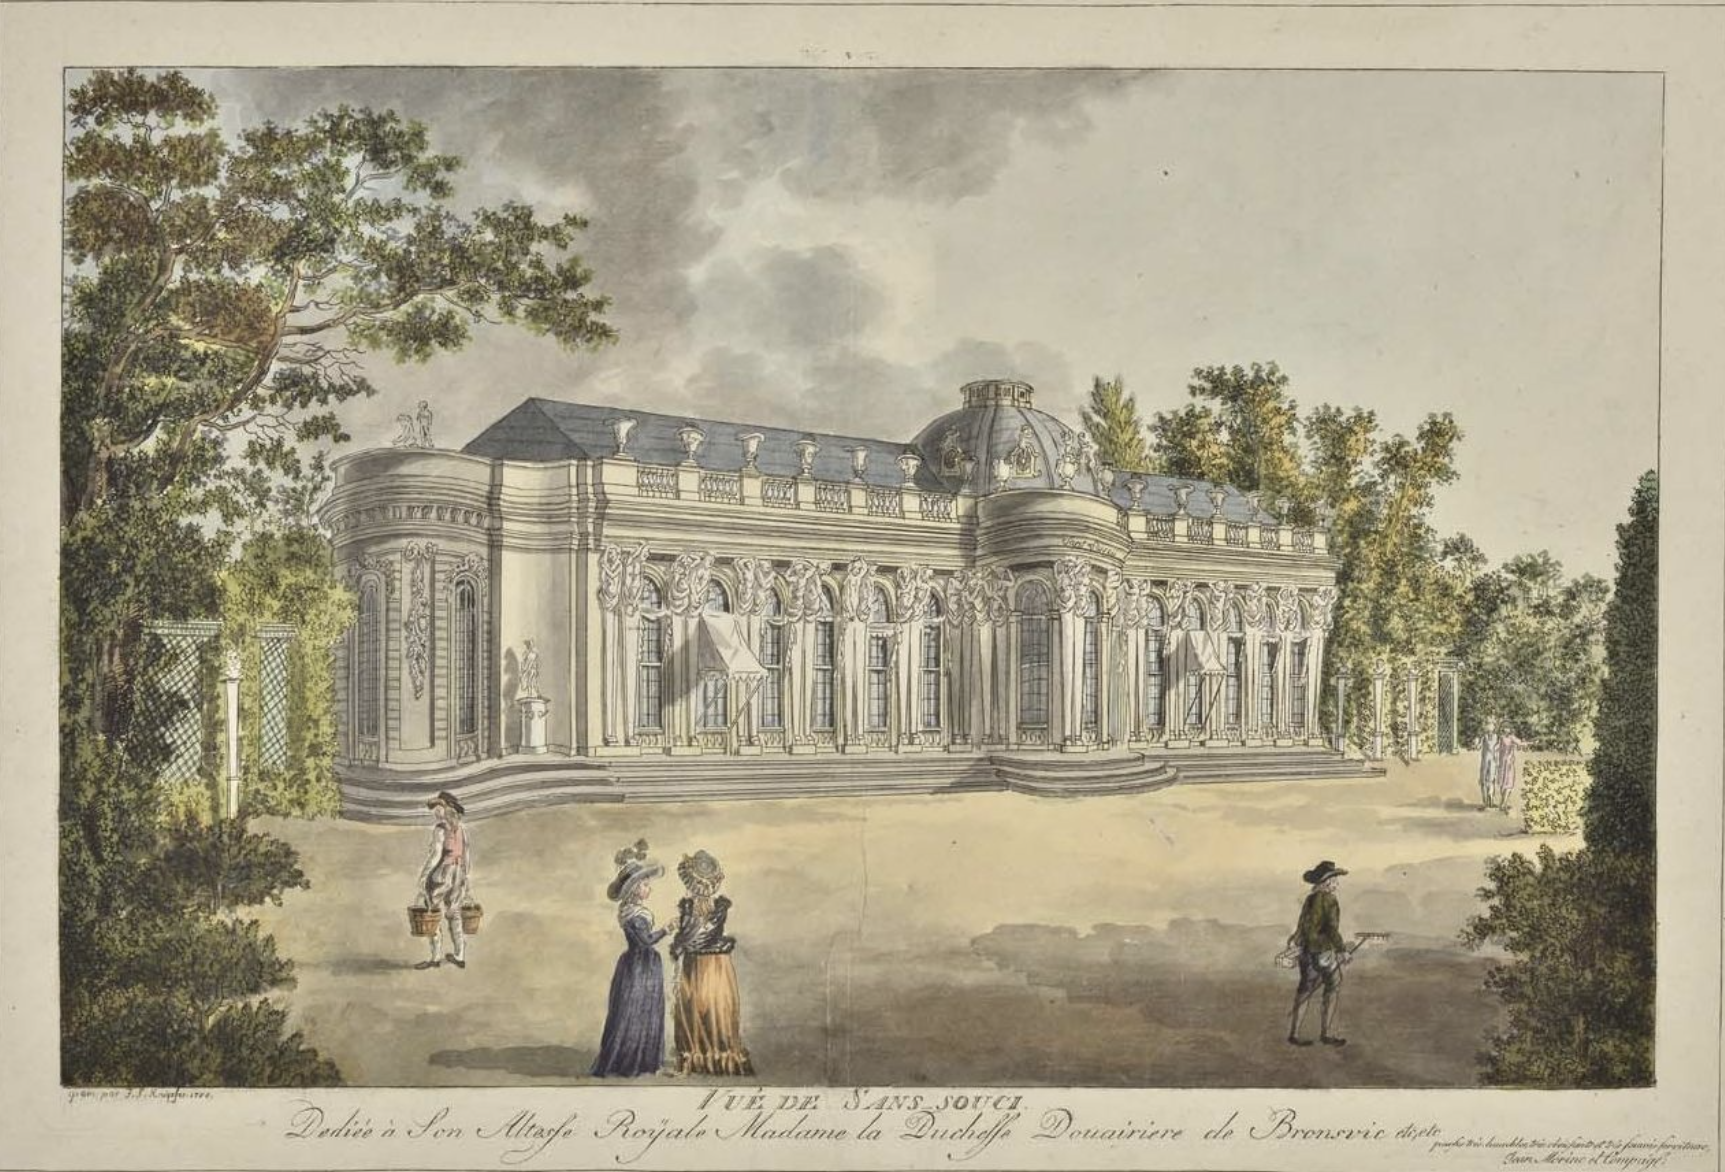 Le palais et le parc de Sans-souci, ou Sanssouci, à Potsdam  200726022131155294